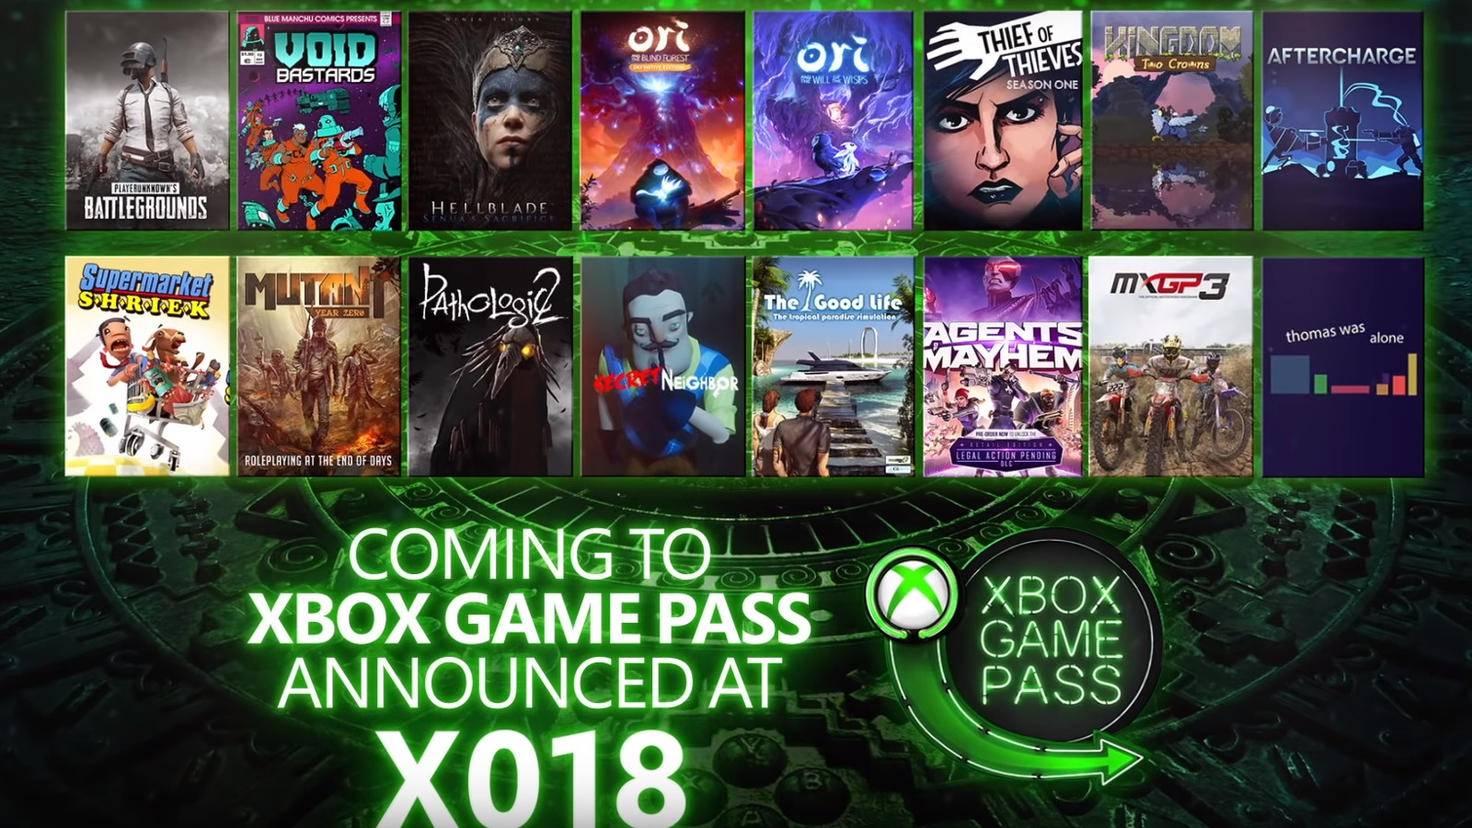 16 neue Games werden in den kommenden Monaten per Game-Pass-Abo spielbar.